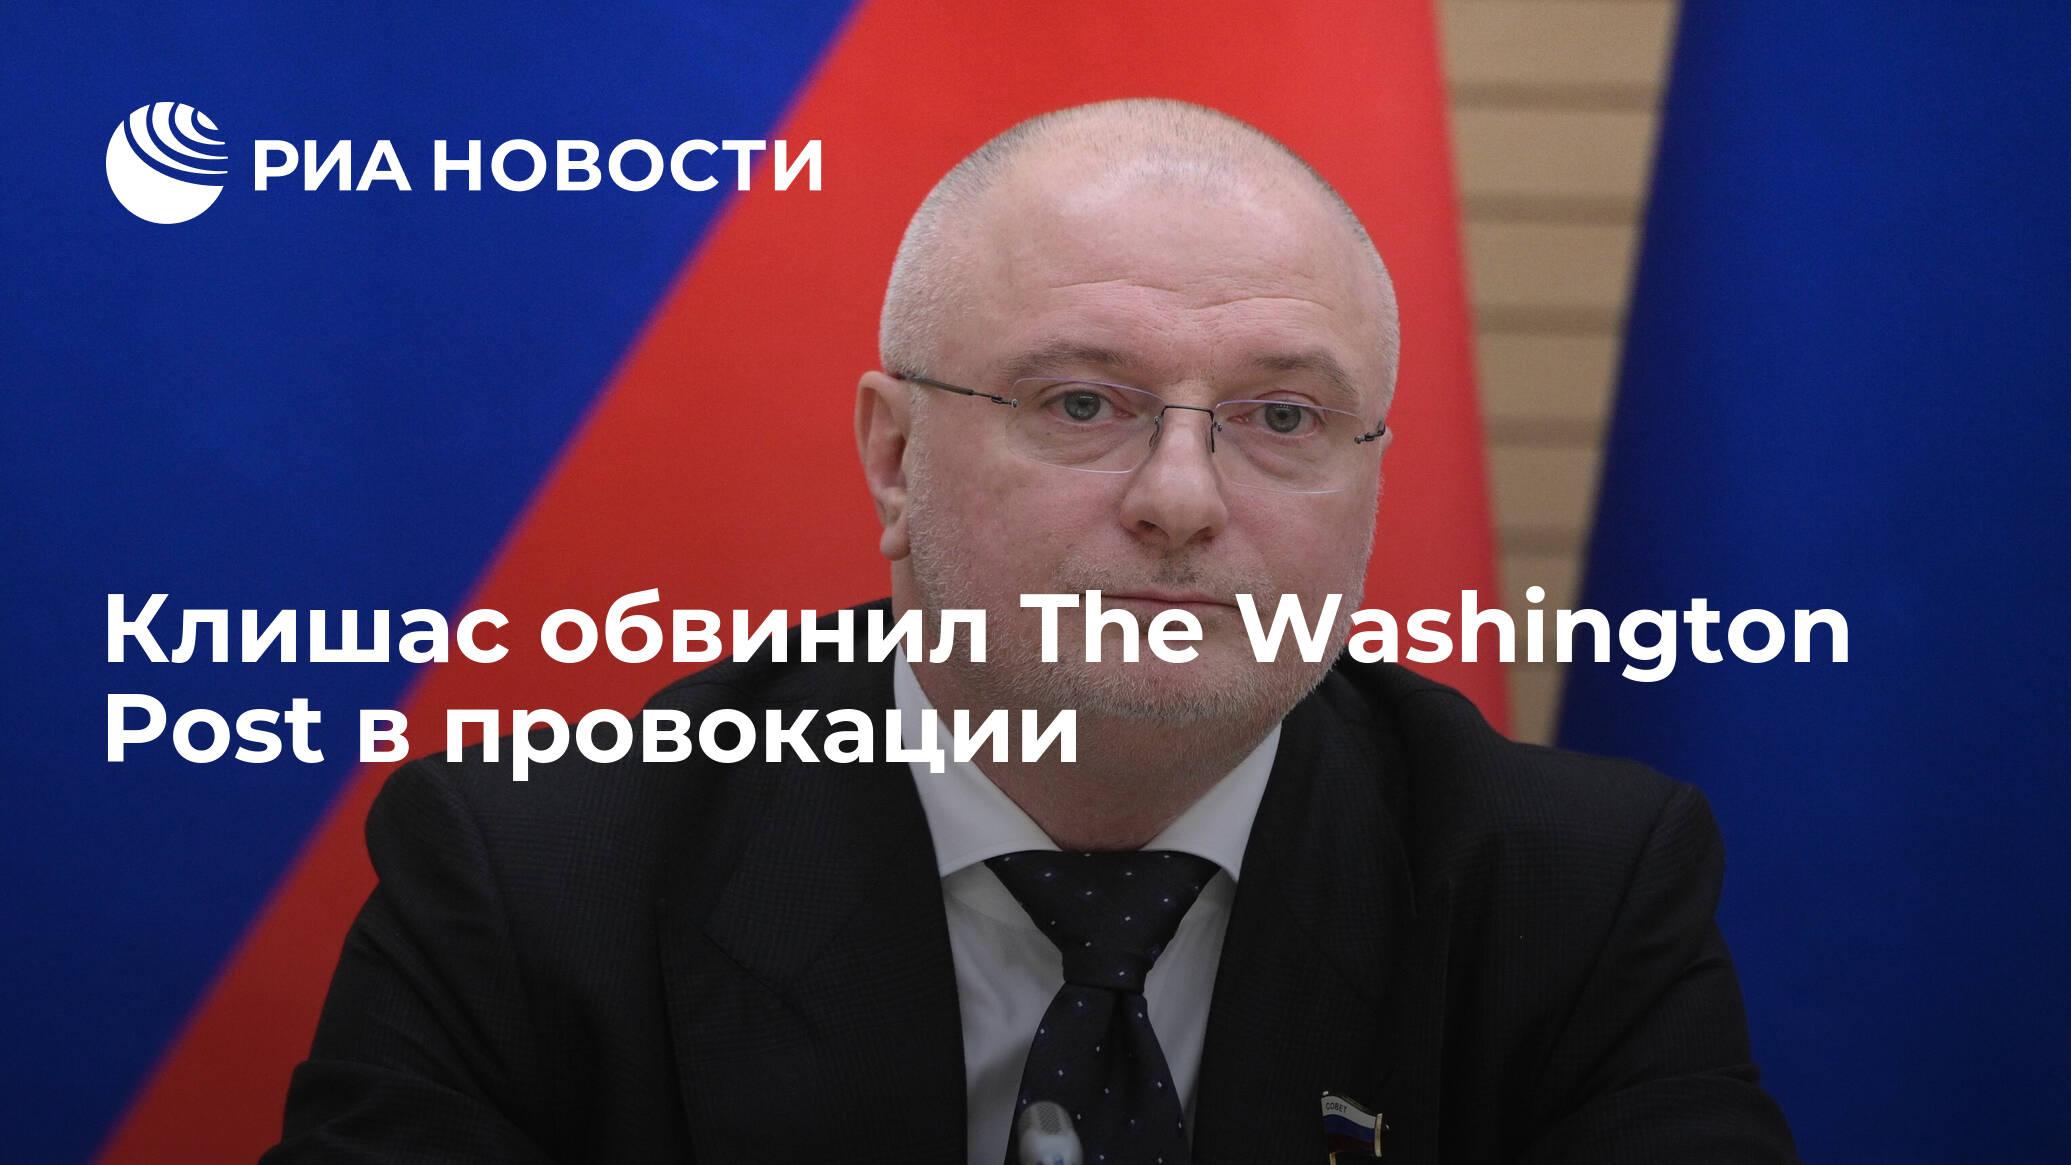 Клишас обвинил The Washington Post в провокации